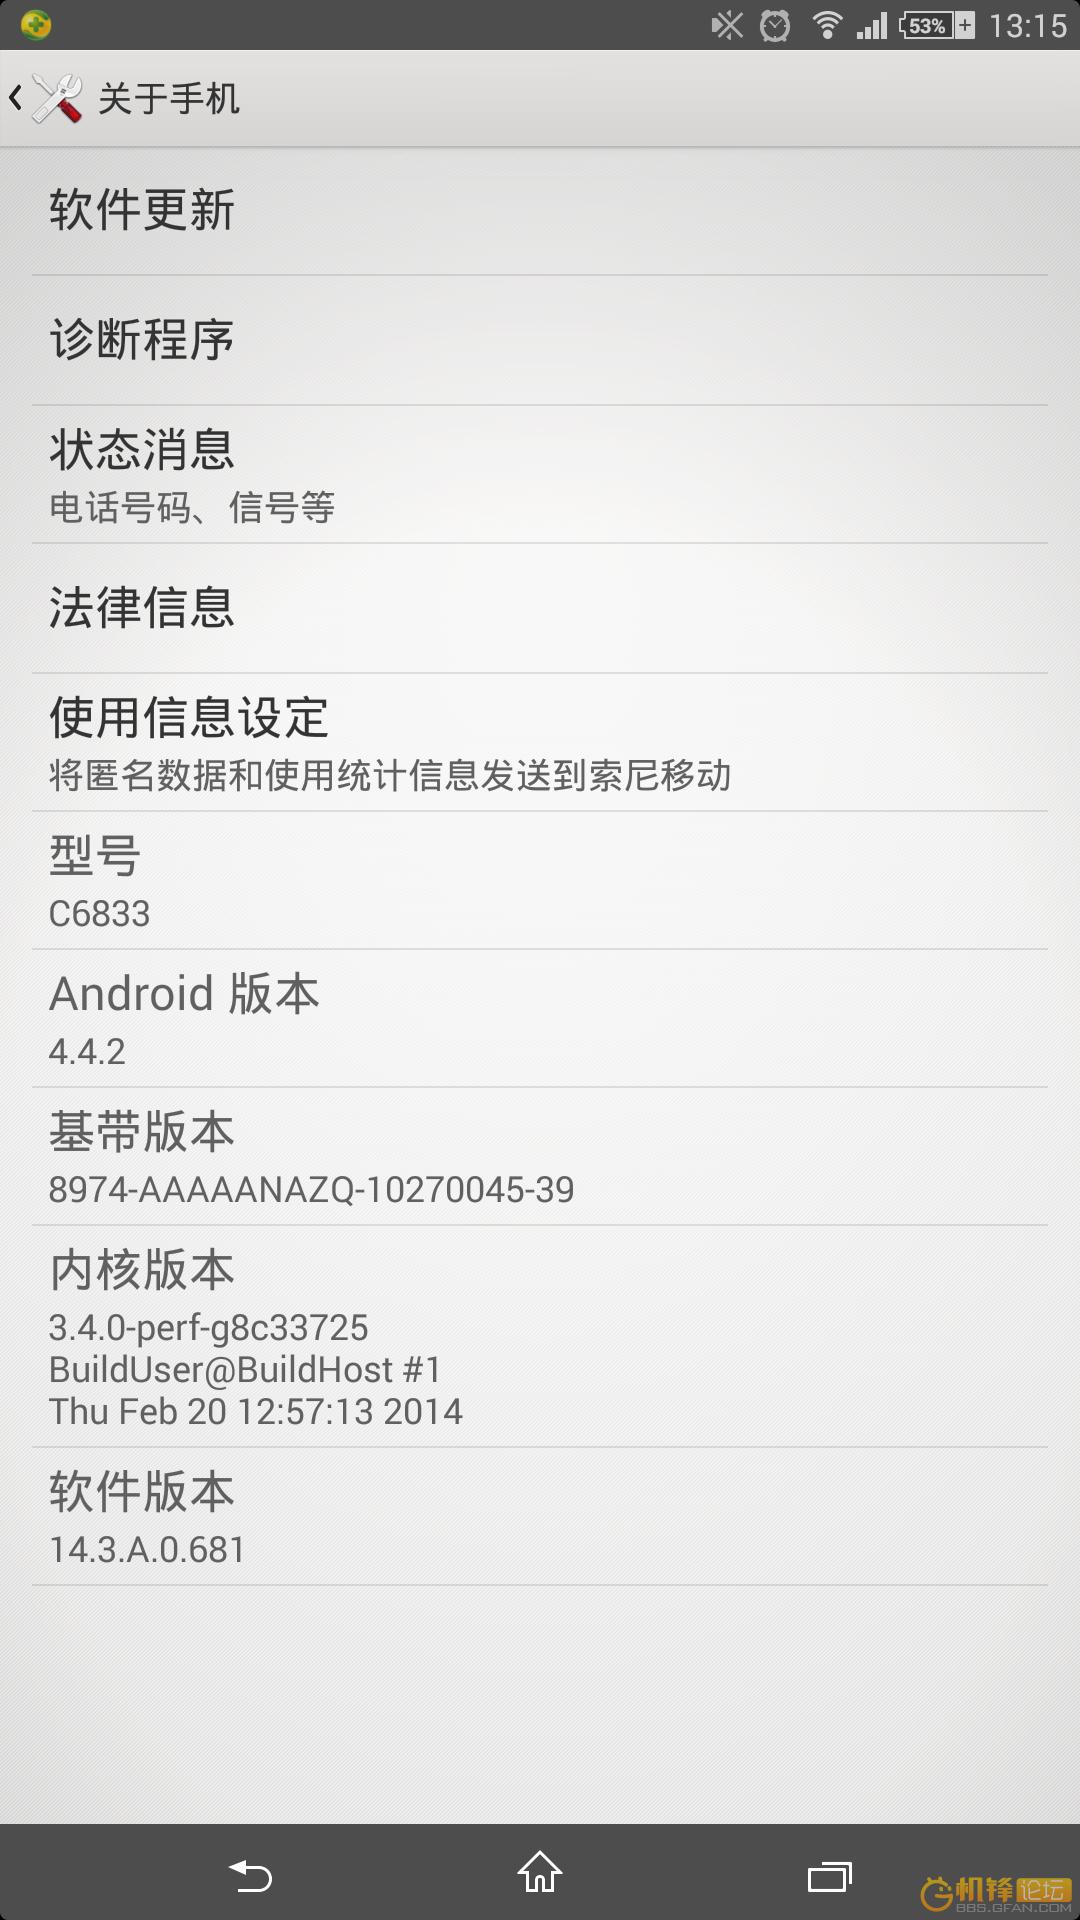 14.3.A.0.681 firmware